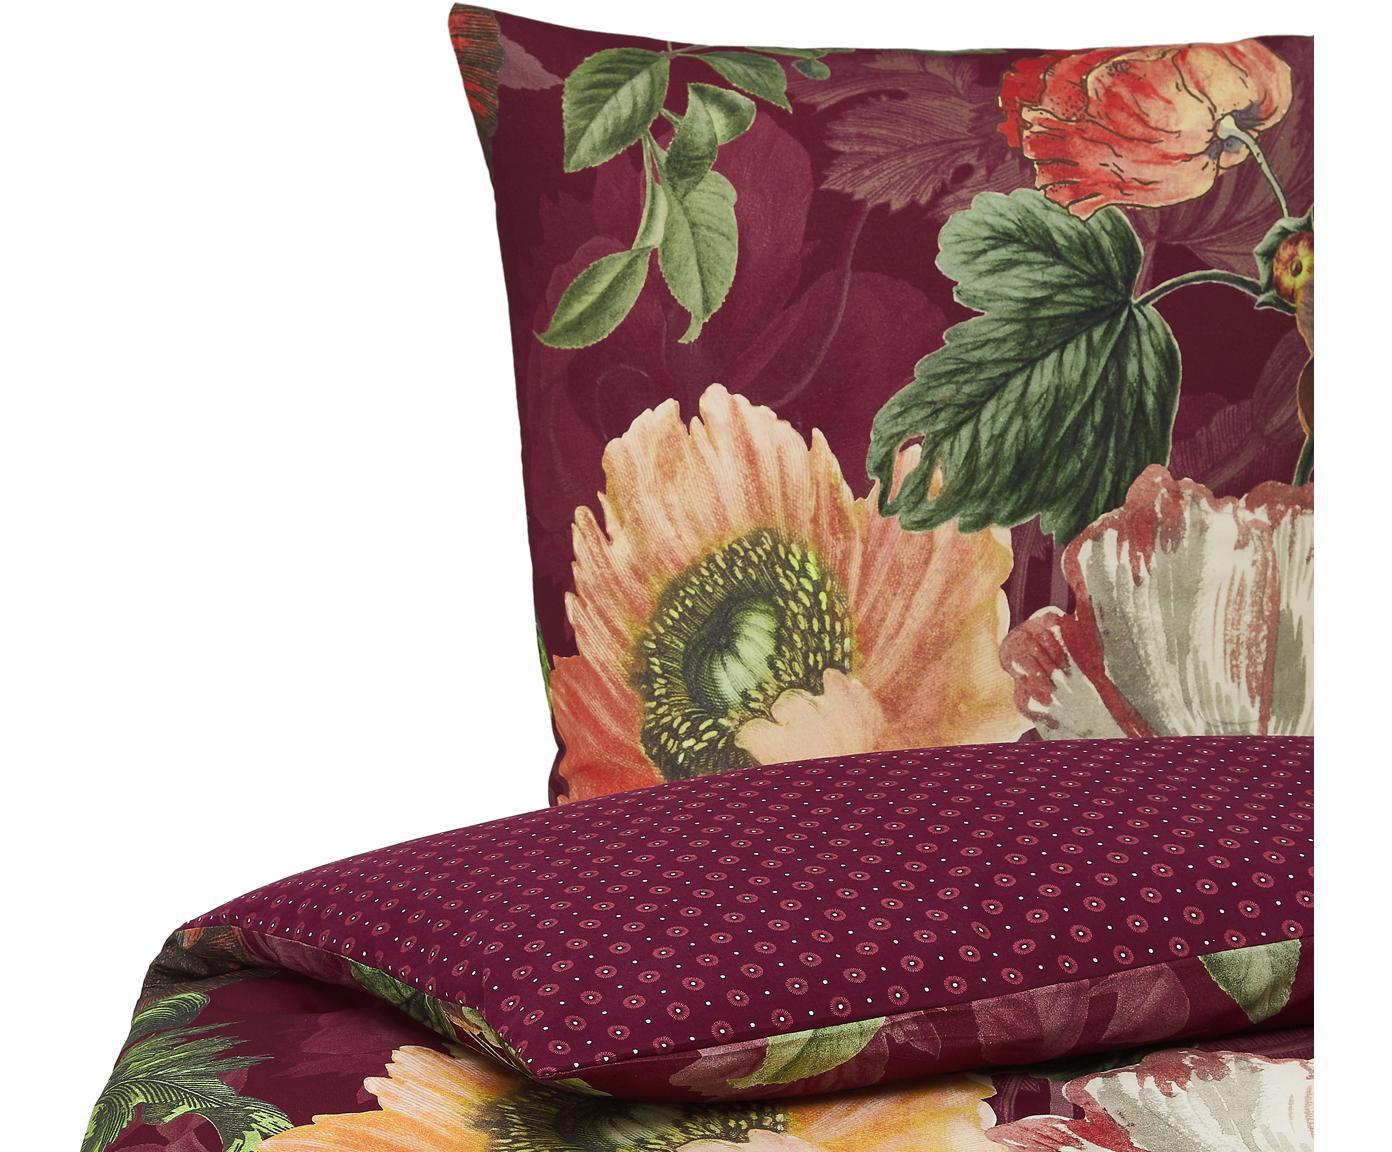 Flanell-Wendebettwäsche Esmee mit Blumen-Muster, Webart: Flanell Fadendichte 81 TC, Dunkelrot, Mehrfarbig, 135 x 200 cm + 1 Kissen 80 x 80 cm